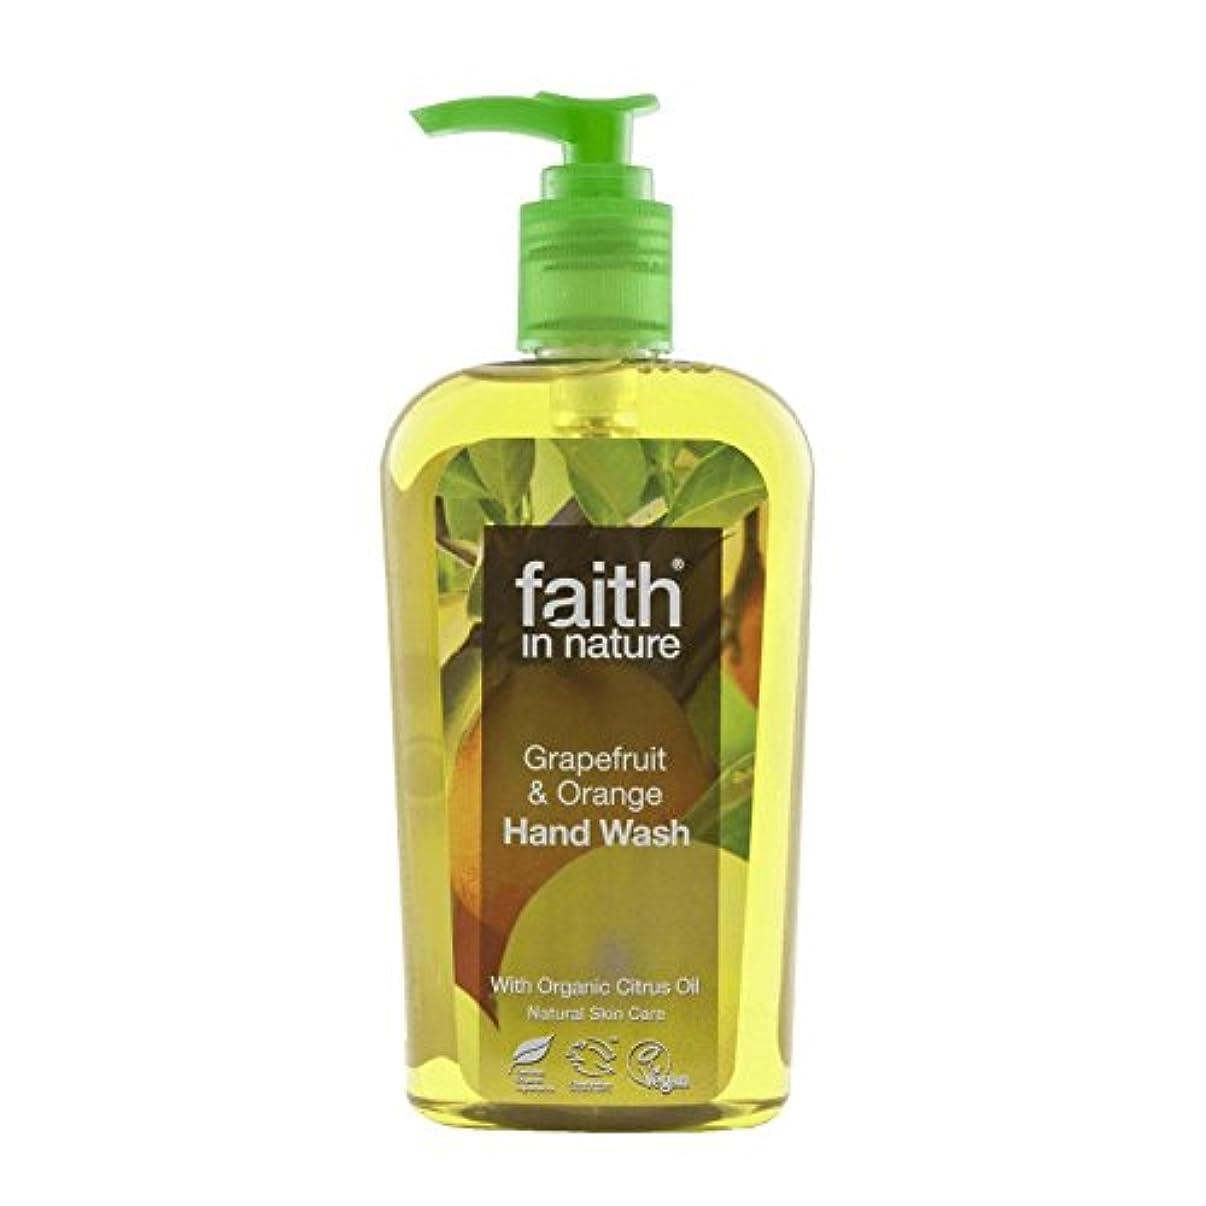 ランドマークどこ夜の動物園Faith In Nature Grapefruit & Orange Handwash 300ml (Pack of 2) - 自然グレープフルーツ&オレンジ手洗いの300ミリリットルの信仰 (x2) [並行輸入品]